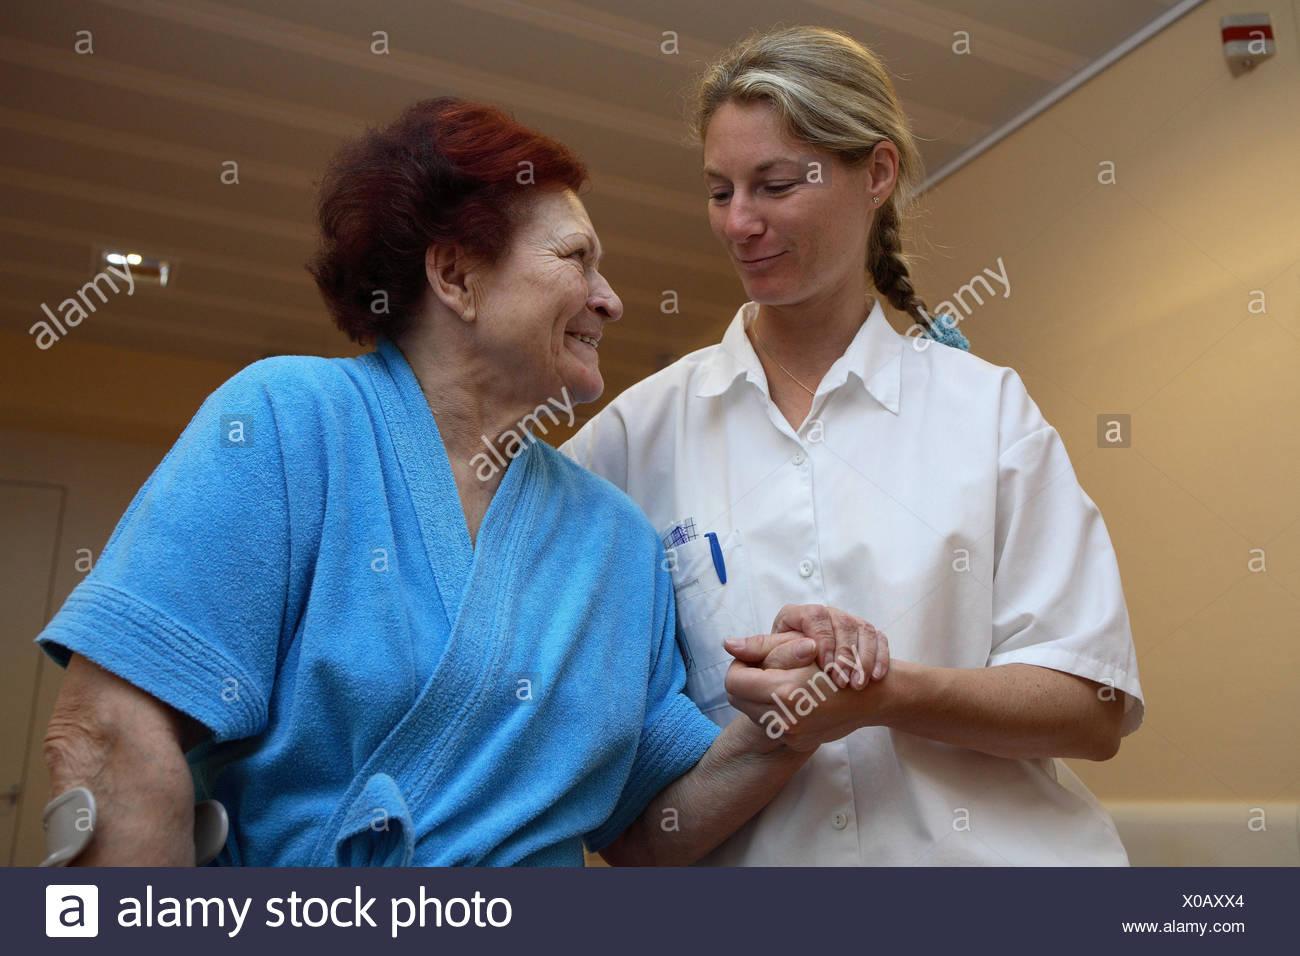 Clínica, fisioterapeuta, paciente, senior, muletas, plomo, poca práctica, ayuda, contacto con los ojos, la sonrisa, la mitad vertical, estación de la persona enferma, Ward, la ocupación, la enfermería, la enfermería ocupaciones, mujeres, personas y dos, viejos, ancianos, albornoz, enfermería-indigentes, necesitados de atención, rehabilitación, enfermera, enfermeras, personal de enfermería, la práctica de la enfermería, entrenador de fuerza, soporte, ayuda, subsidio, cuidado, atención, convalescense, la curación, la confianza, el acompañamiento, la gratitud, el interior, Imagen De Stock